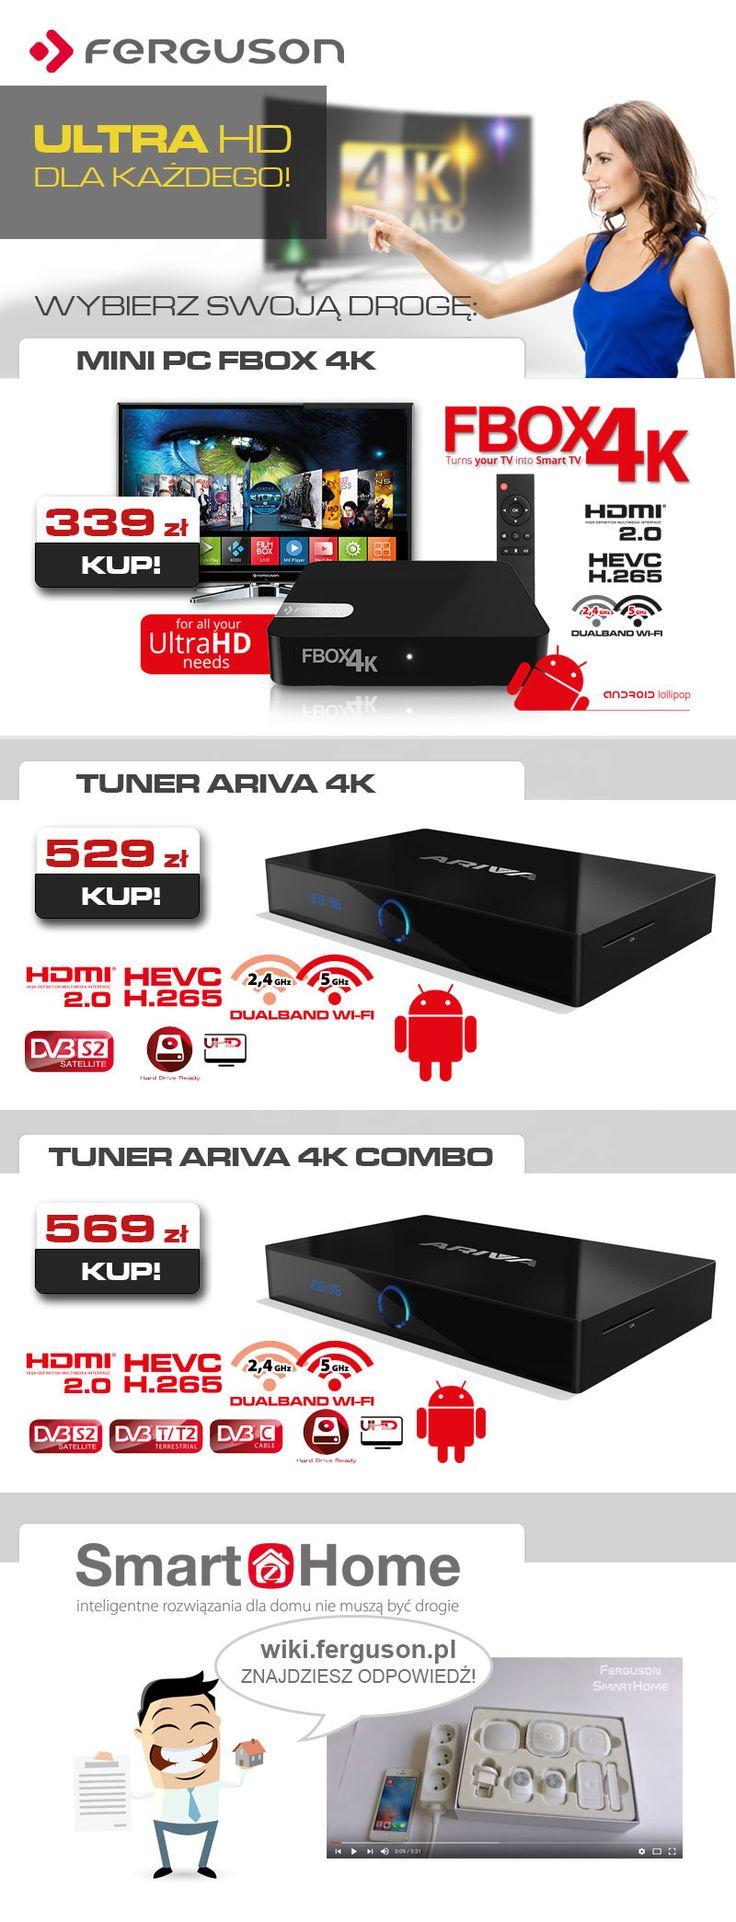 Nasz najnowszy mailing z myślą o fanach 4K!  Ultra HD dla KAŻDEGO! https://sklep.ferguson.pl/pl/searchquery/4K+UHD/1/desc/5?url=4K,UHD